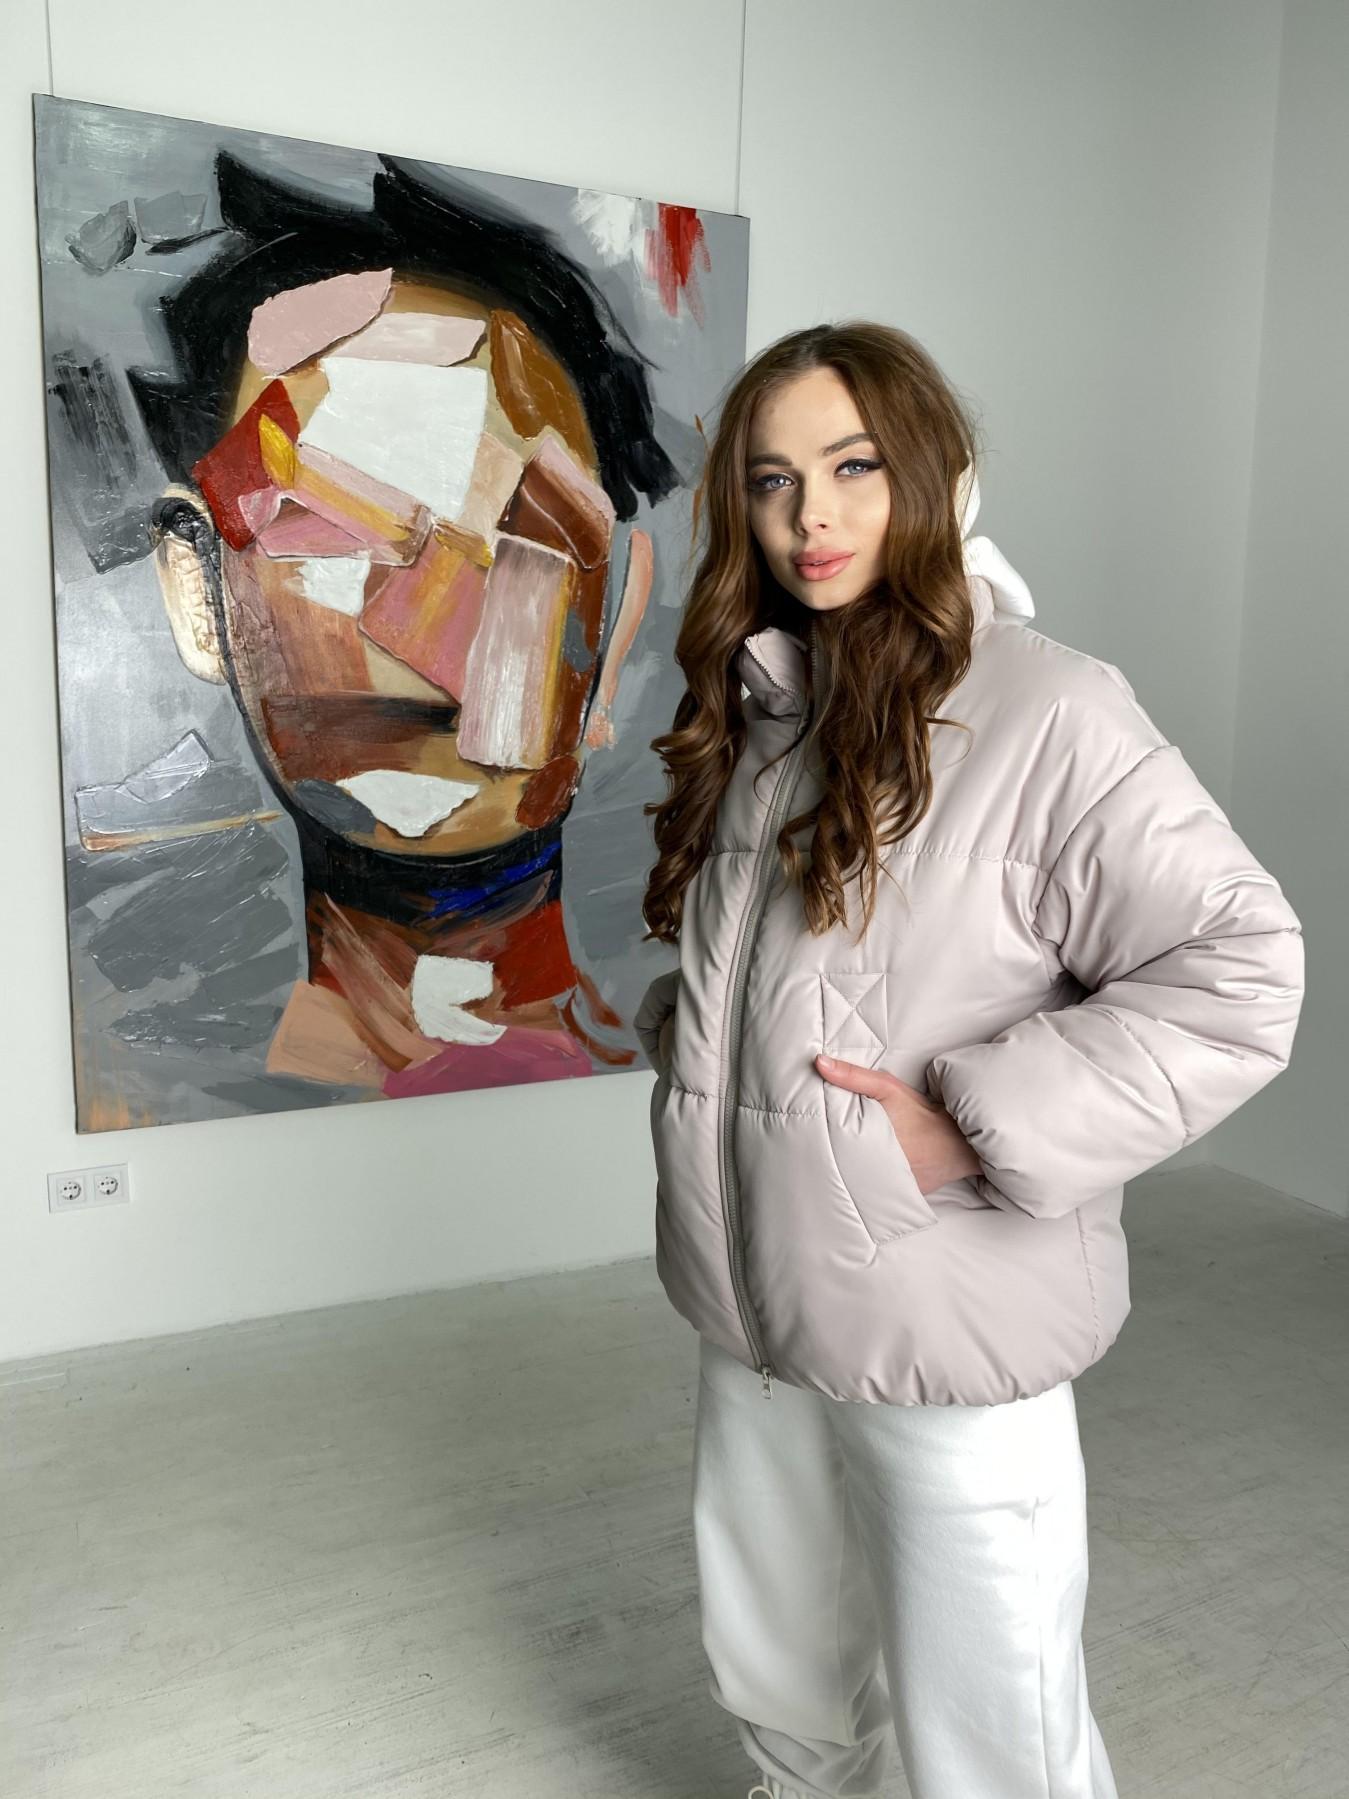 Муд куртка из плащевой ткани 10509 АРТ. 46853 Цвет: Бежевый 511 - фото 5, интернет магазин tm-modus.ru